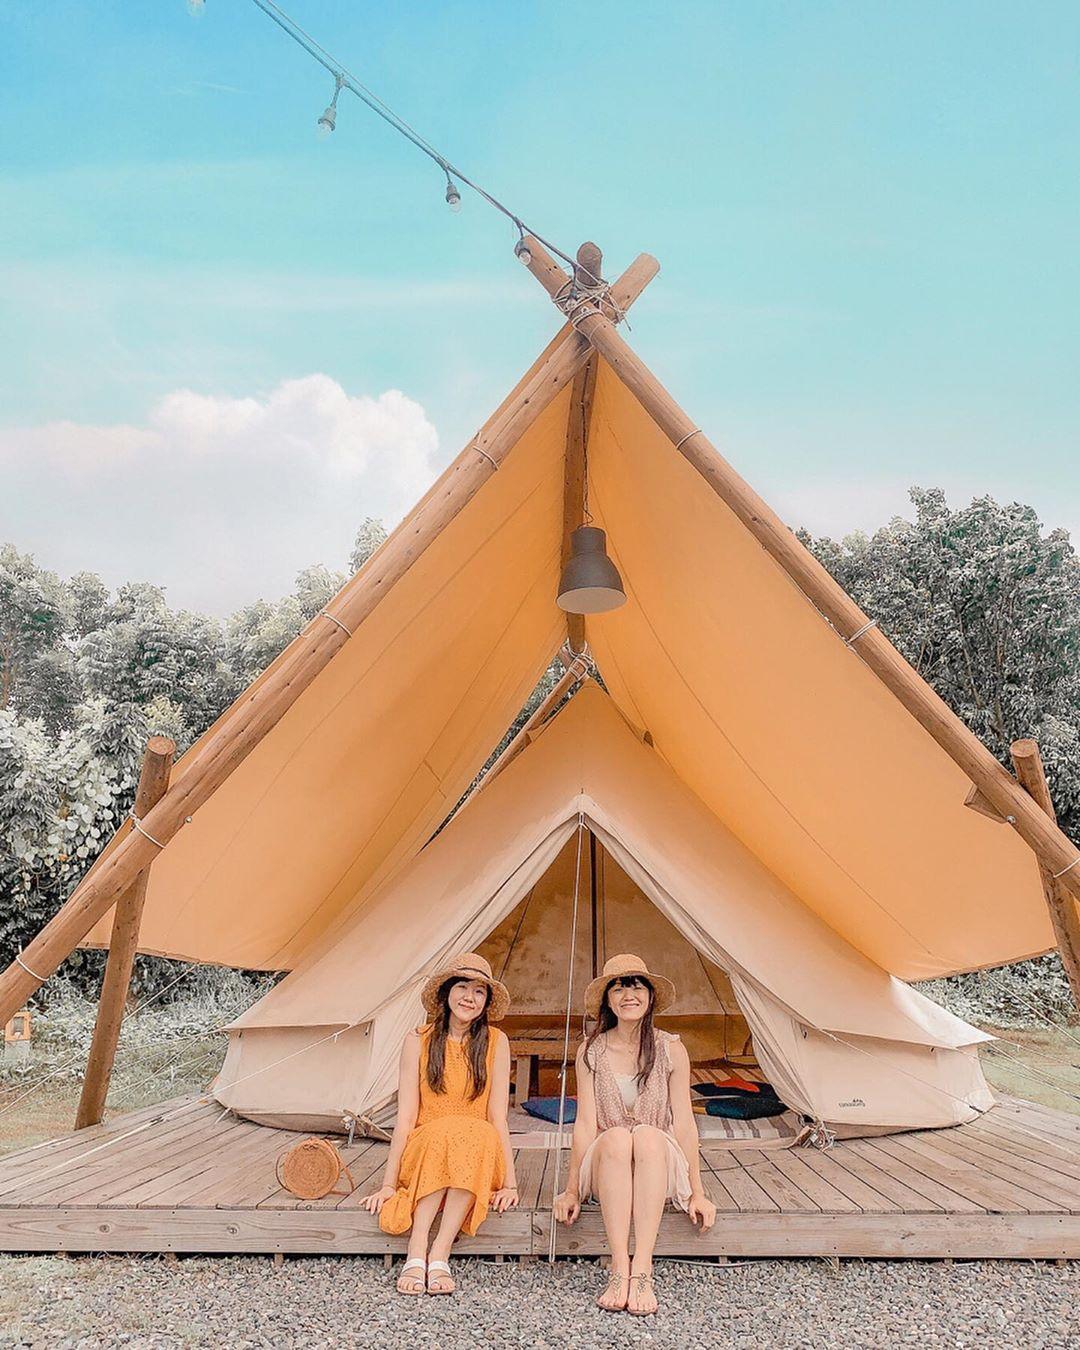 美美的露營帳篷,網美拍照怎麼能錯過!